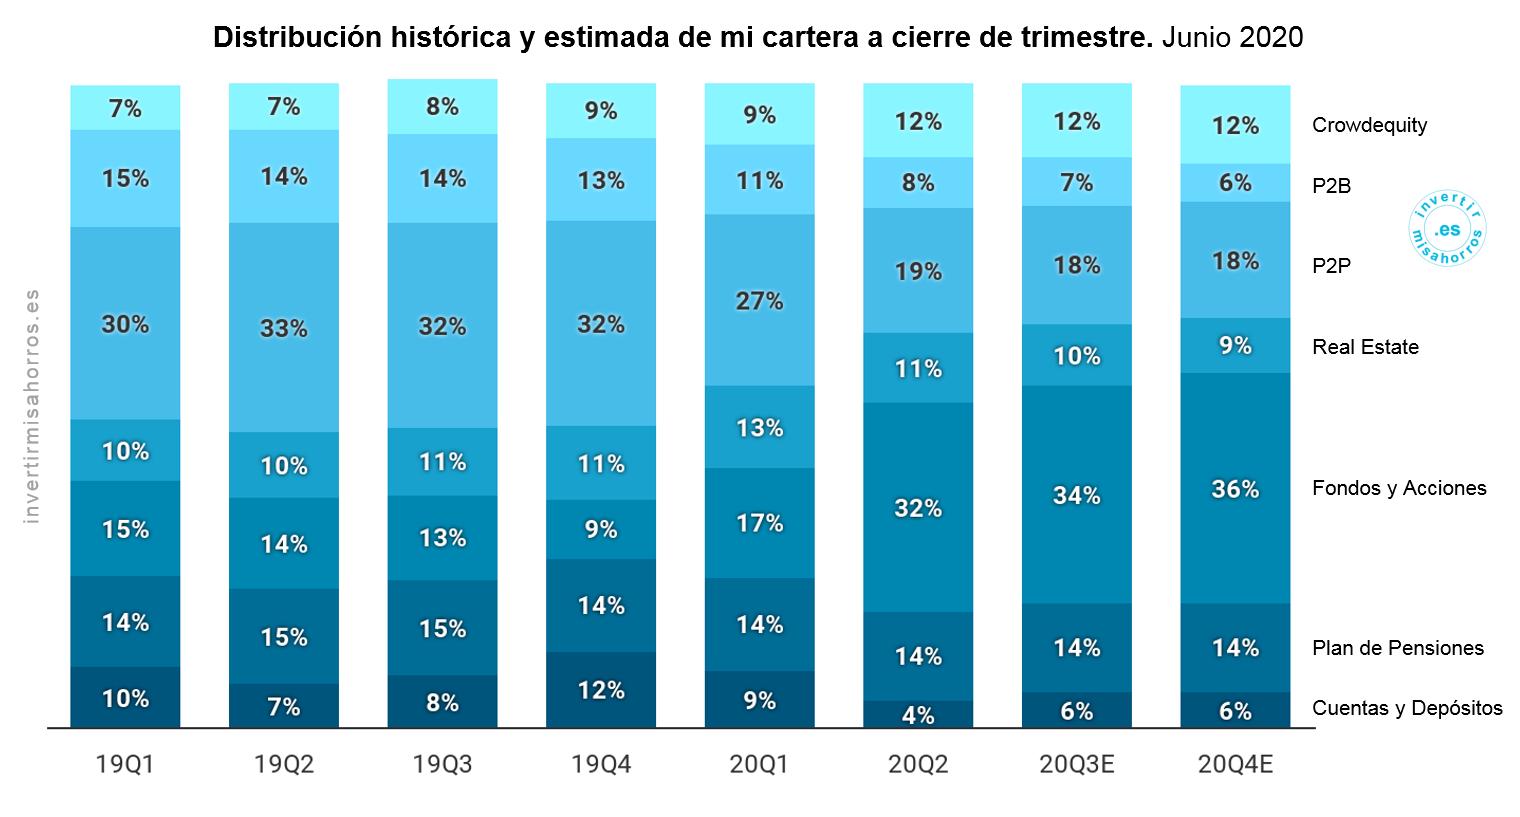 Distribución histórica y estimada de mi cartera a cierre de trimestre. Junio 2020